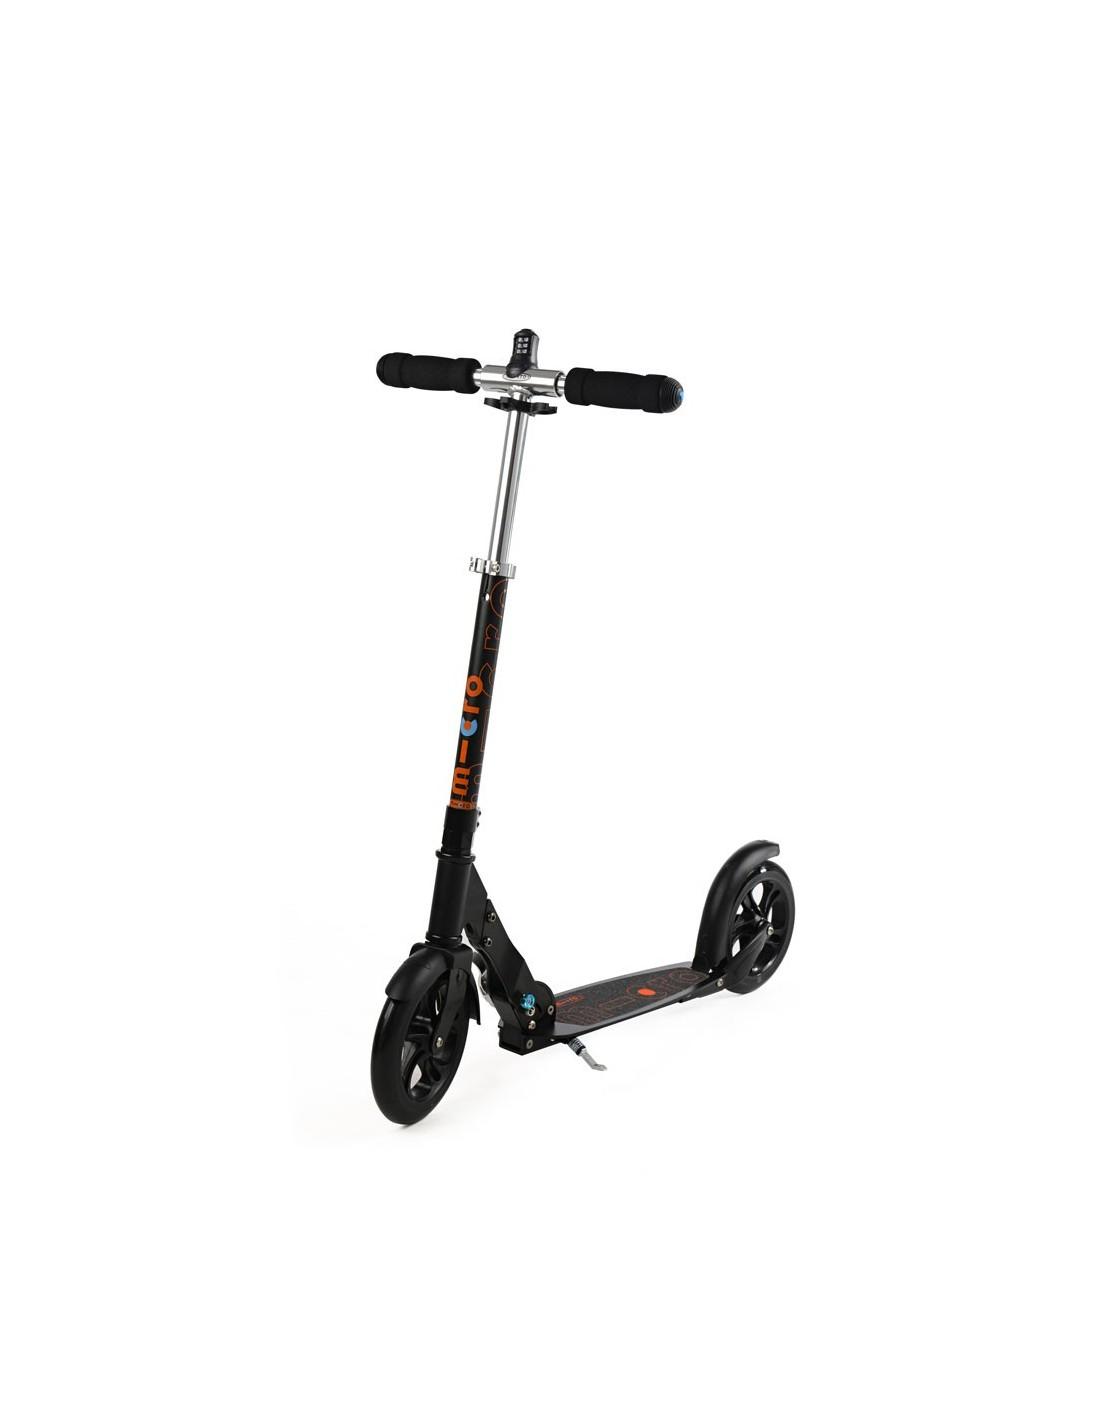 micro scooter black 200mm interlock zum bestpreis kaufen. Black Bedroom Furniture Sets. Home Design Ideas